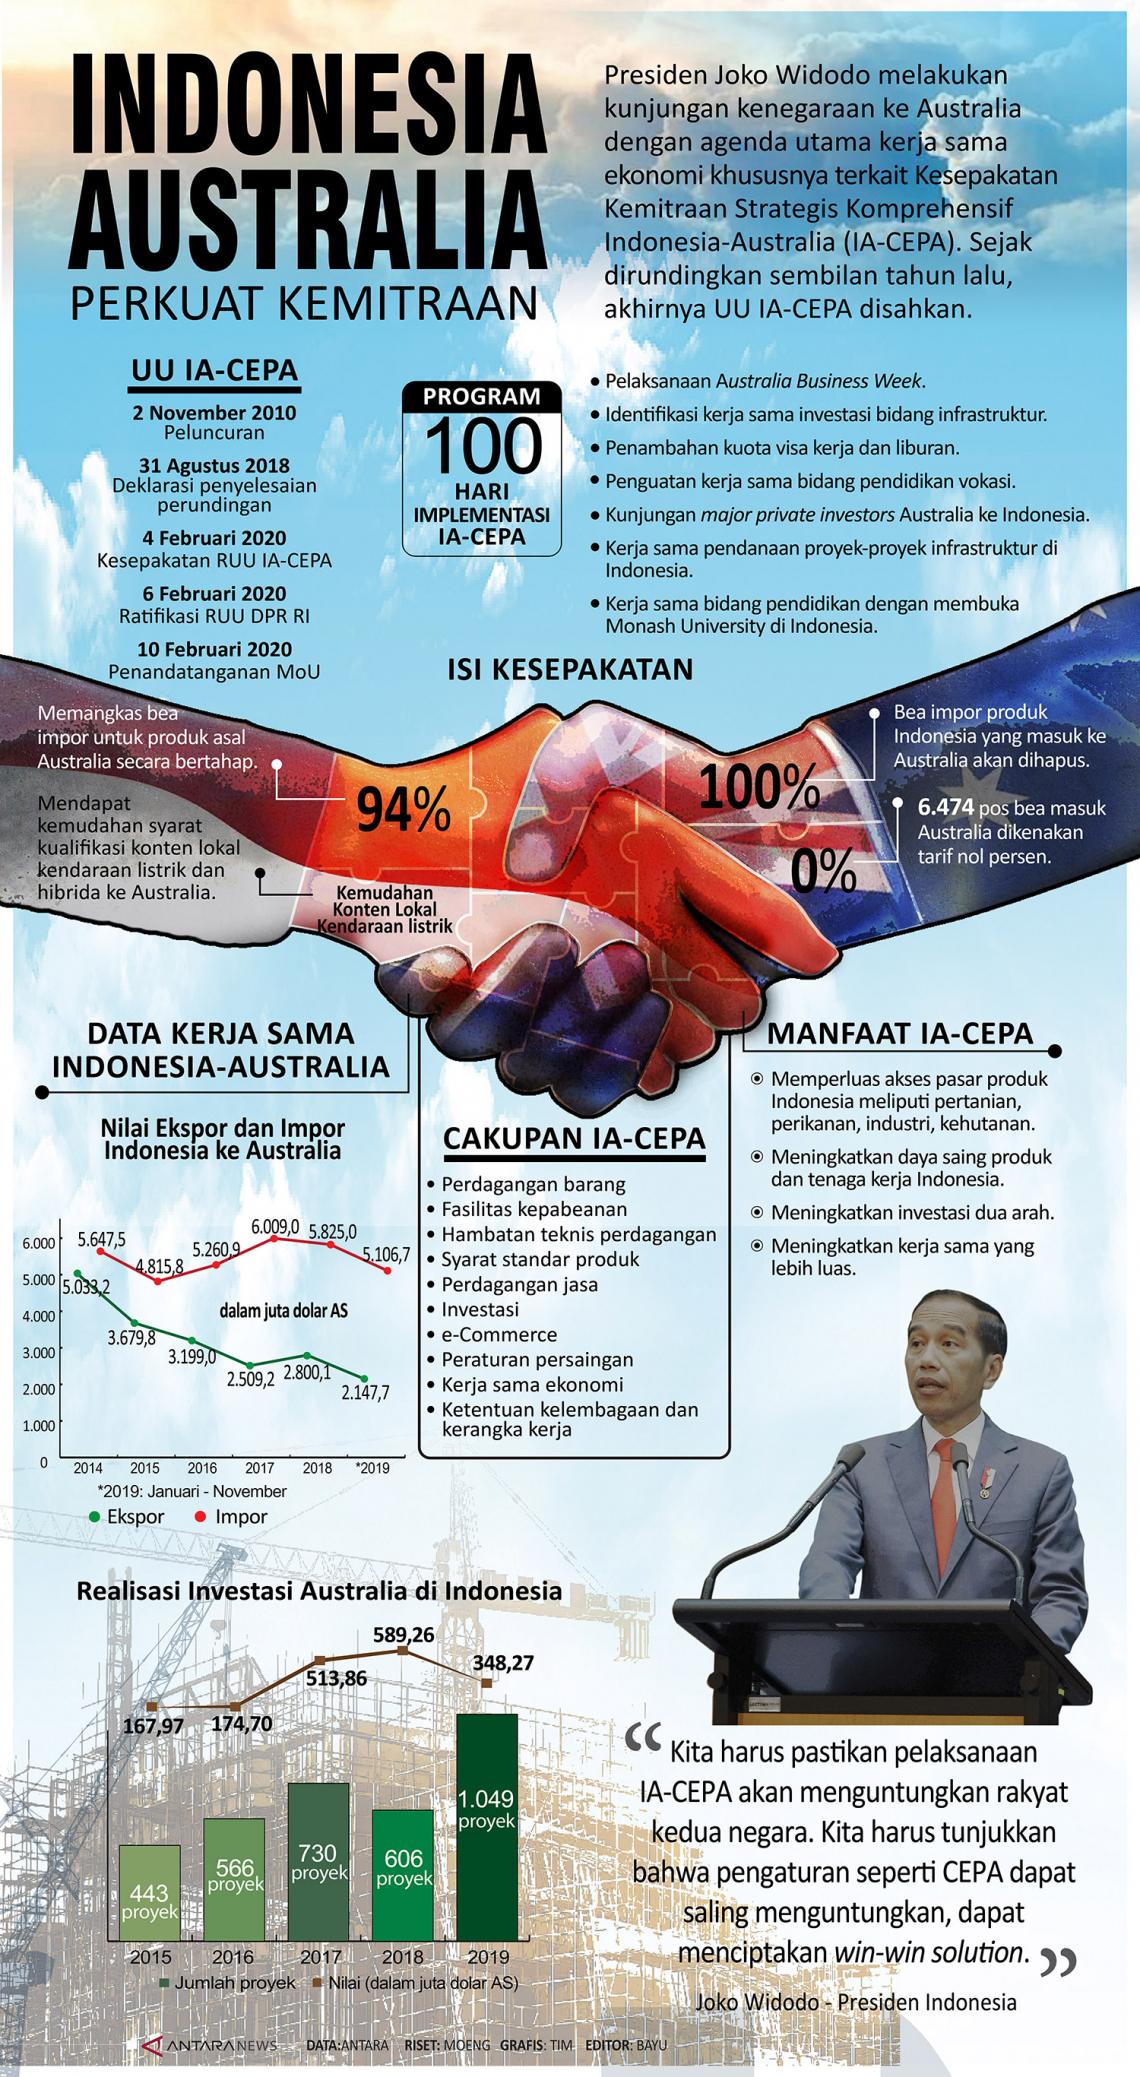 Indonesia-Australia perkuat kemitraan